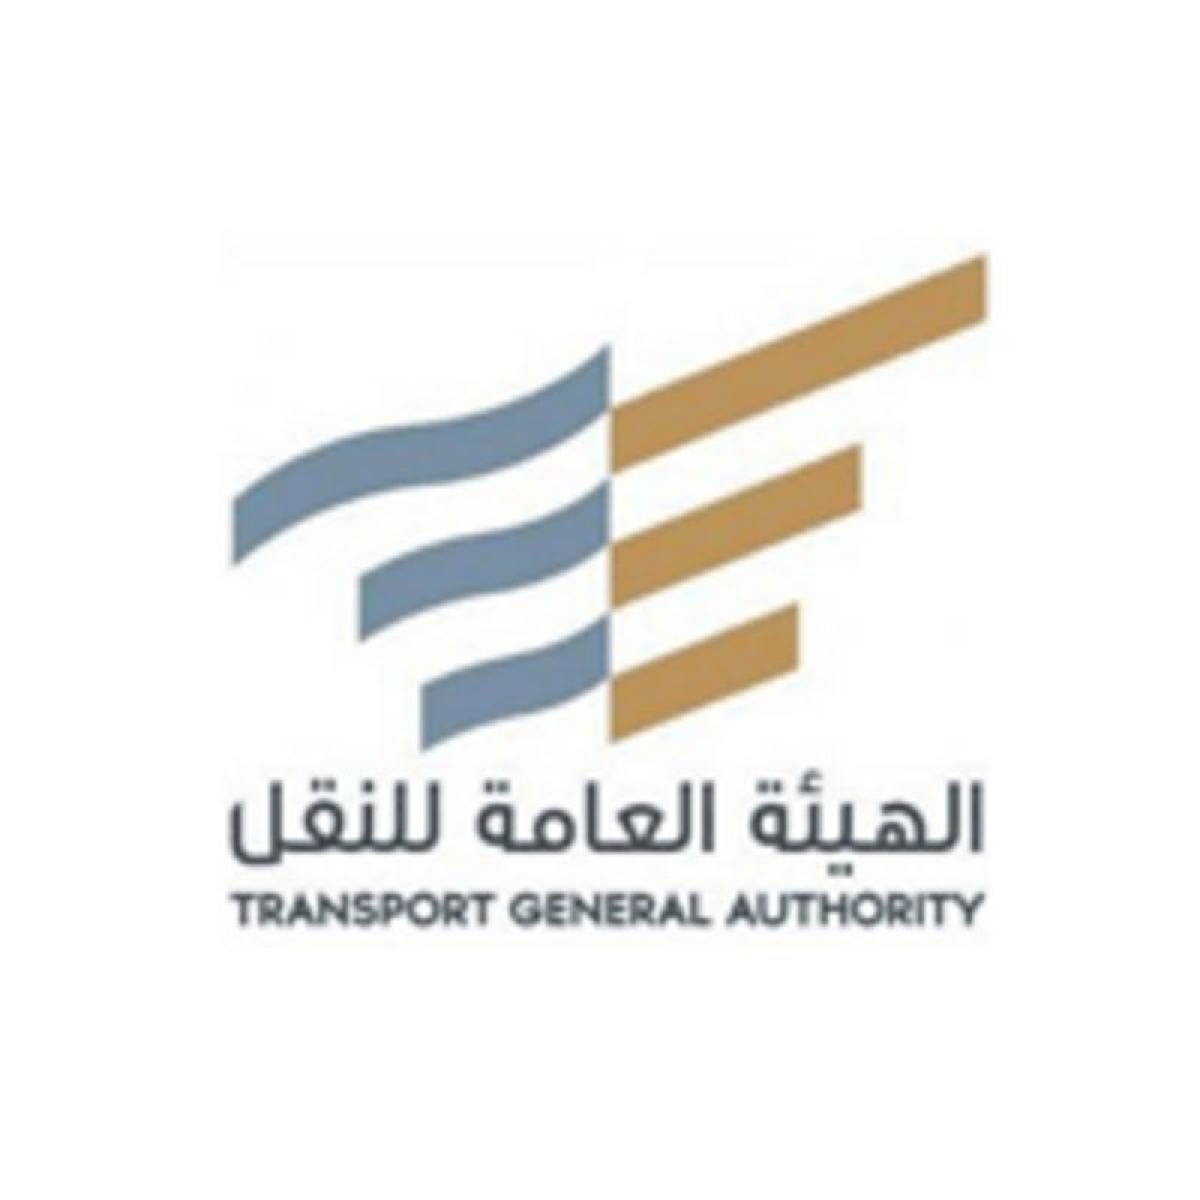 هيئة النقل: السماح باستخدام السعة المقعدية الكاملة للقطارات والحا